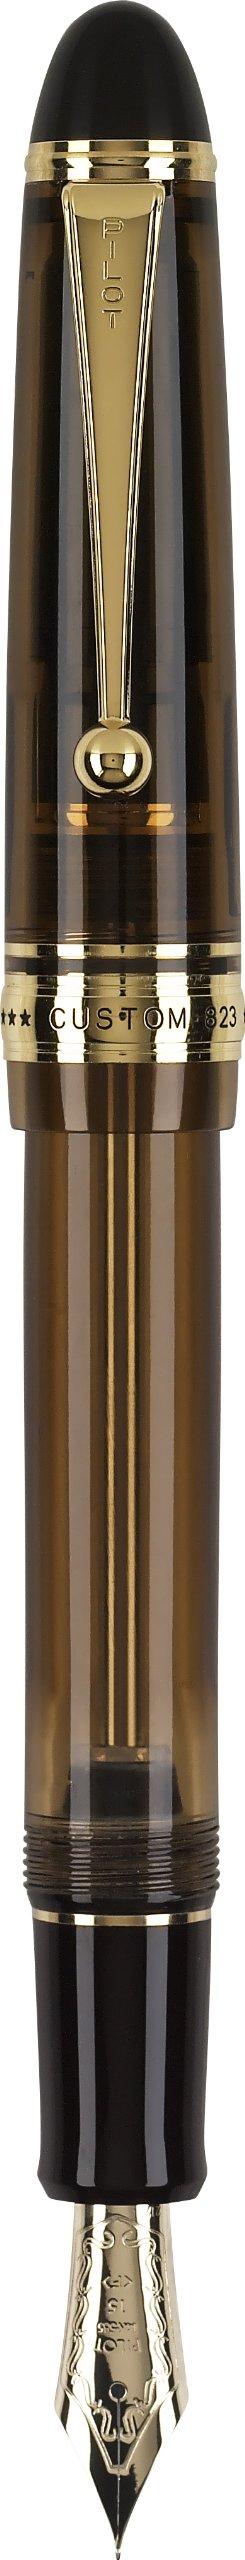 Pilot Custom 823 Fountain Pen, Amber Barrel, Blue Ink, Medium Nib (60556) by Pilot (Image #1)